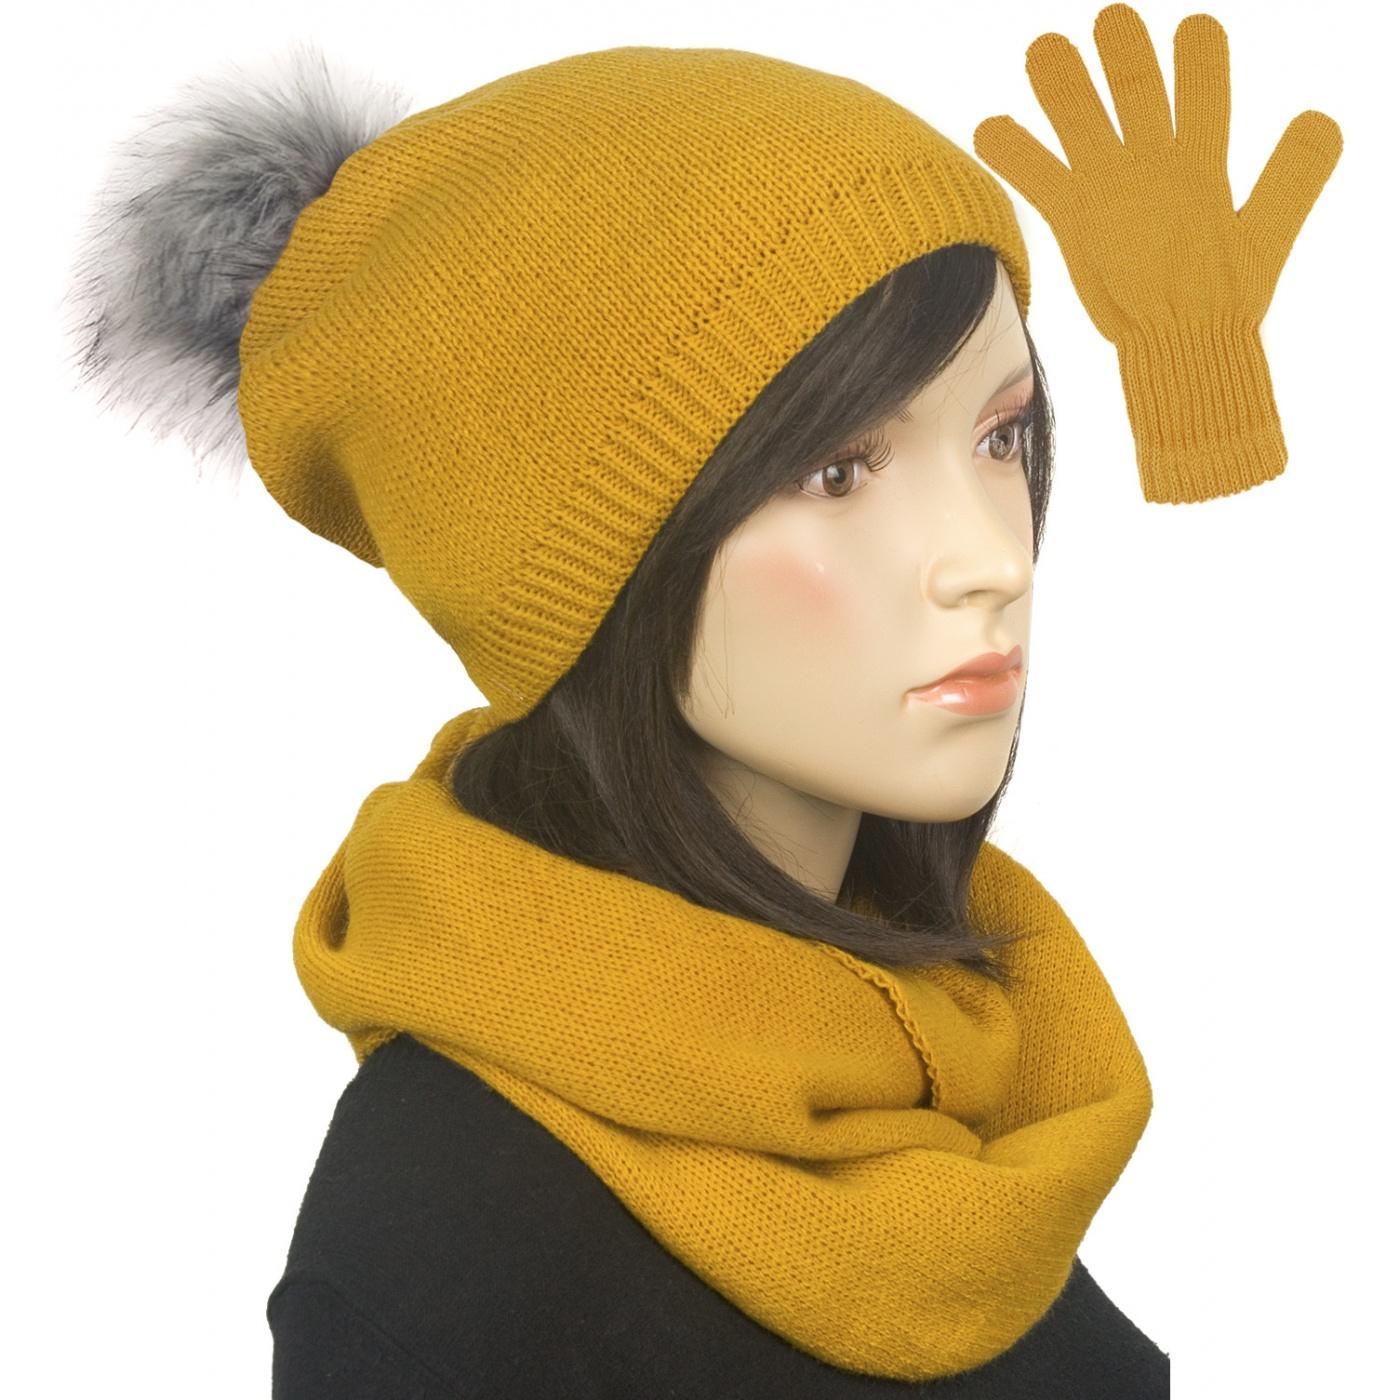 Komplet damski na zimę czapka z pomponem, komin i rękawiczki - musztardowy